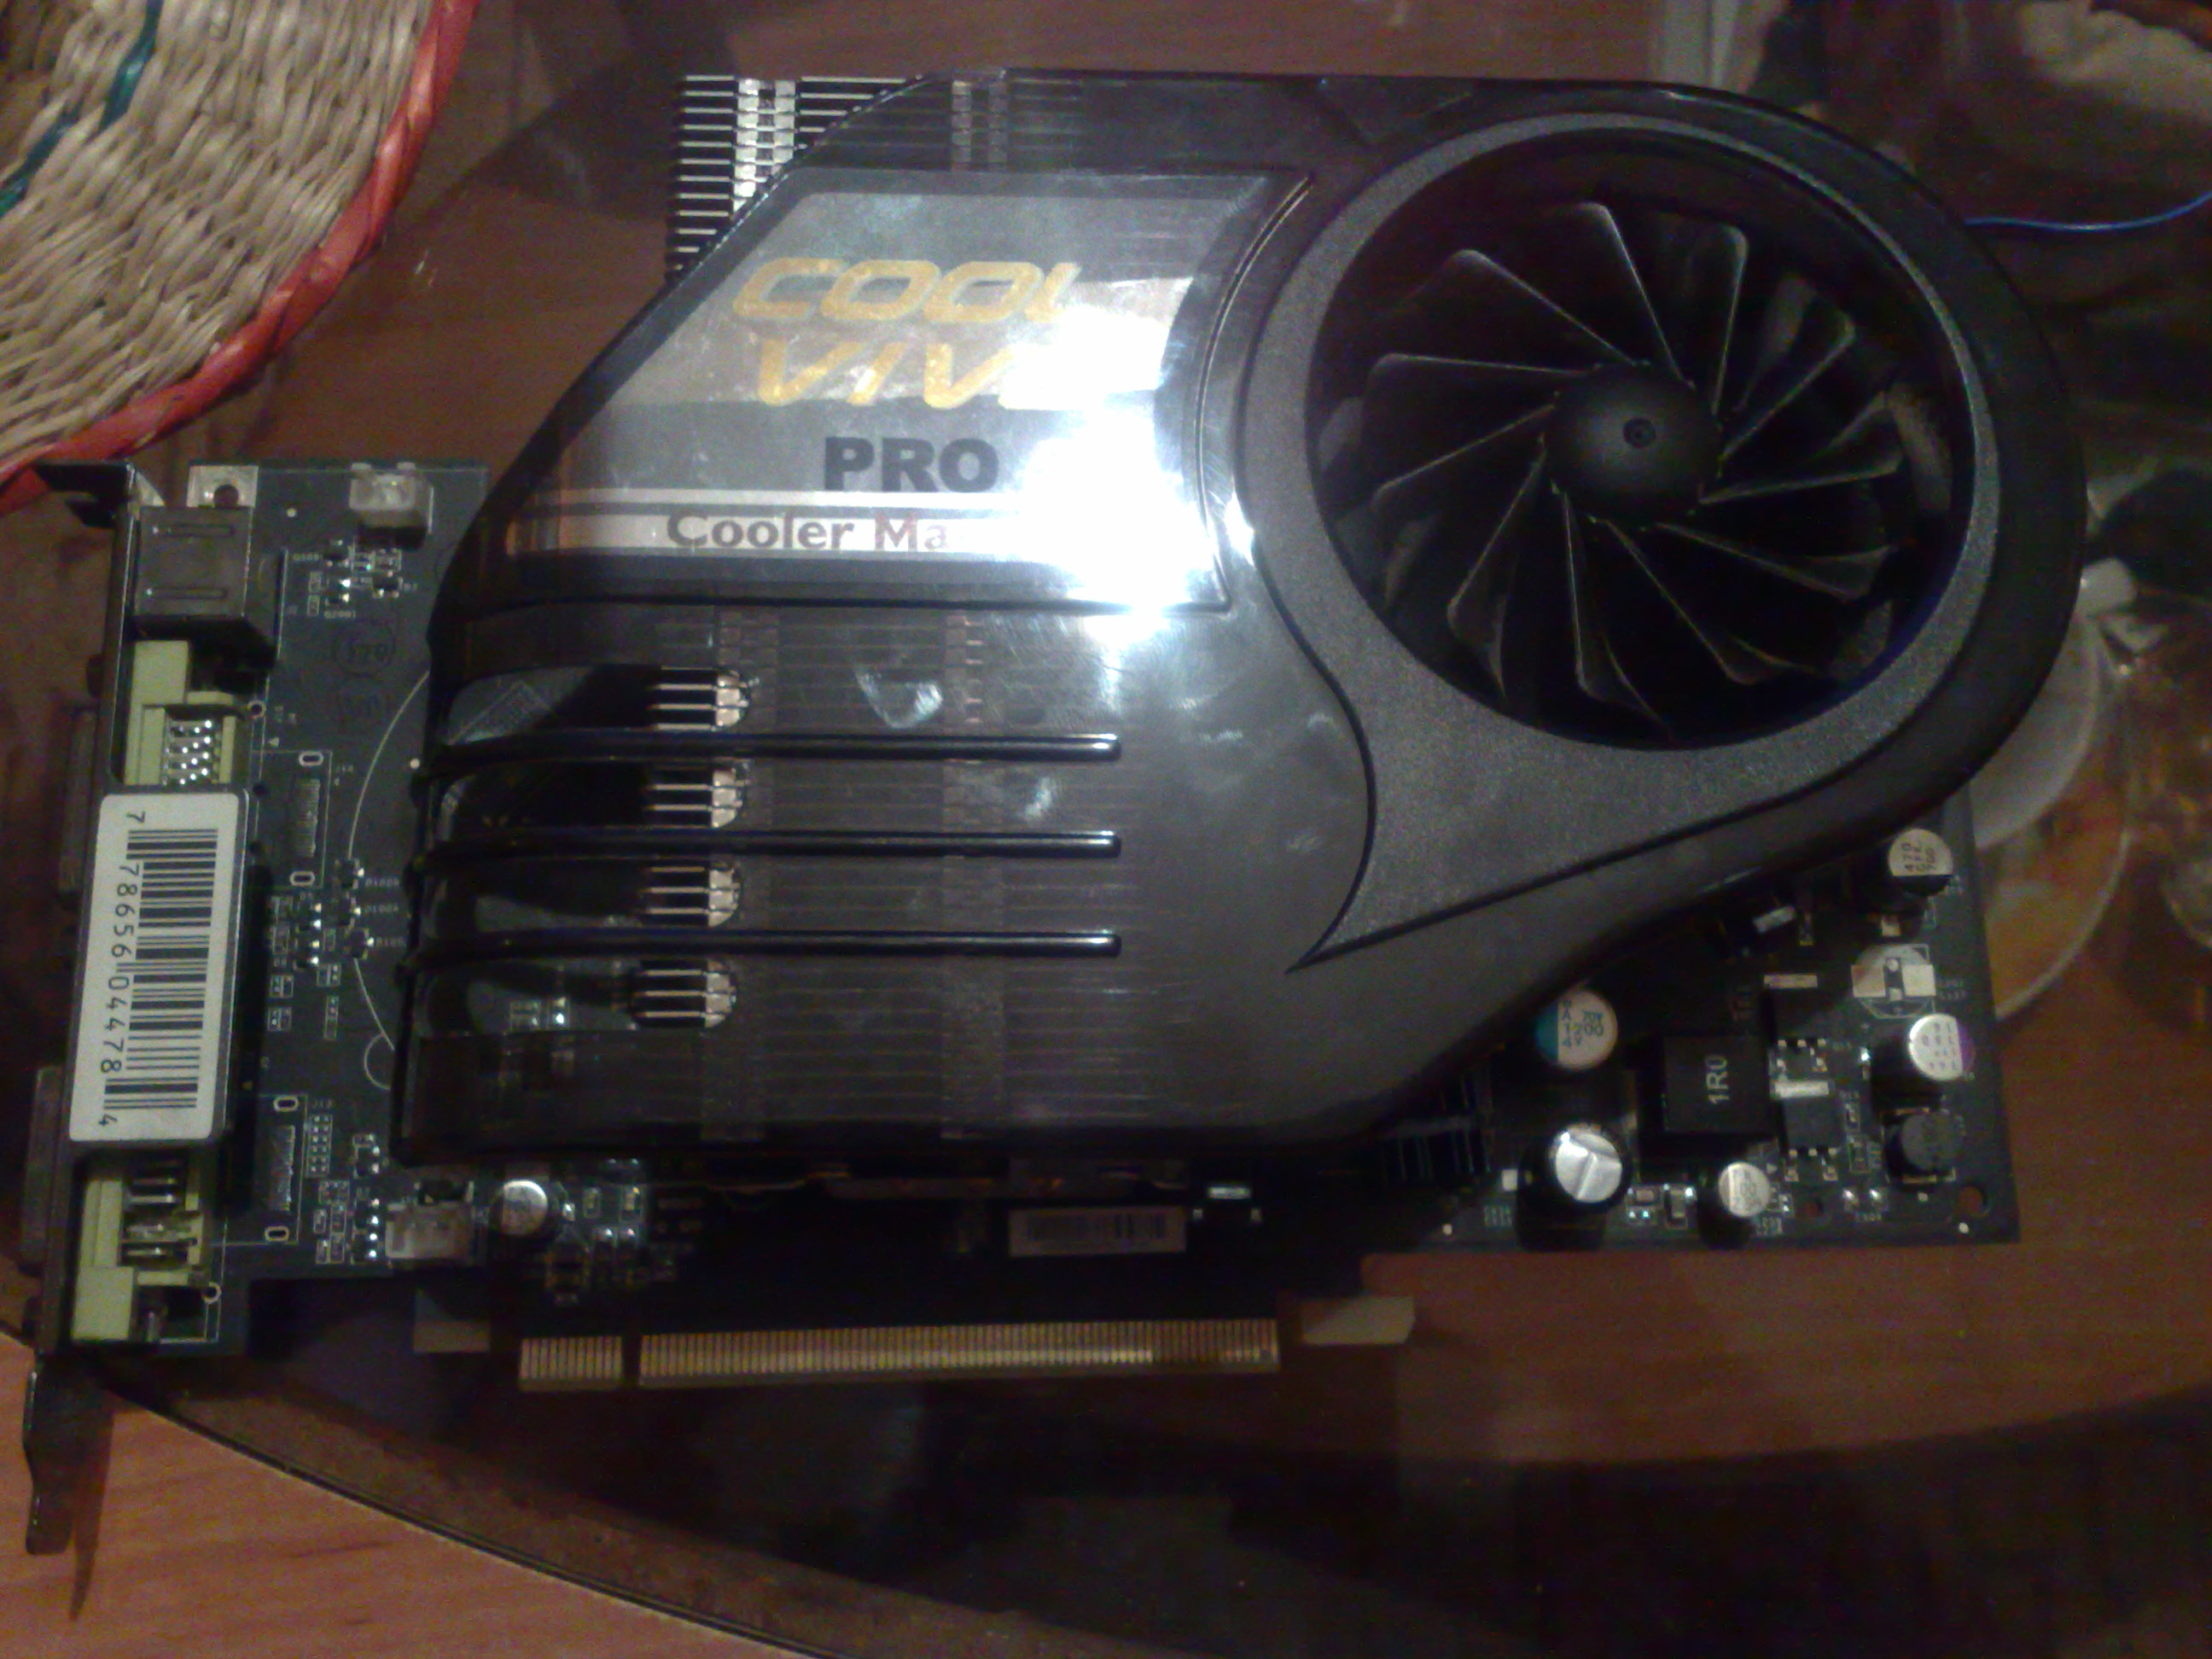 Geforce 8800GTS po obci��eniu - kropki na ekranie.